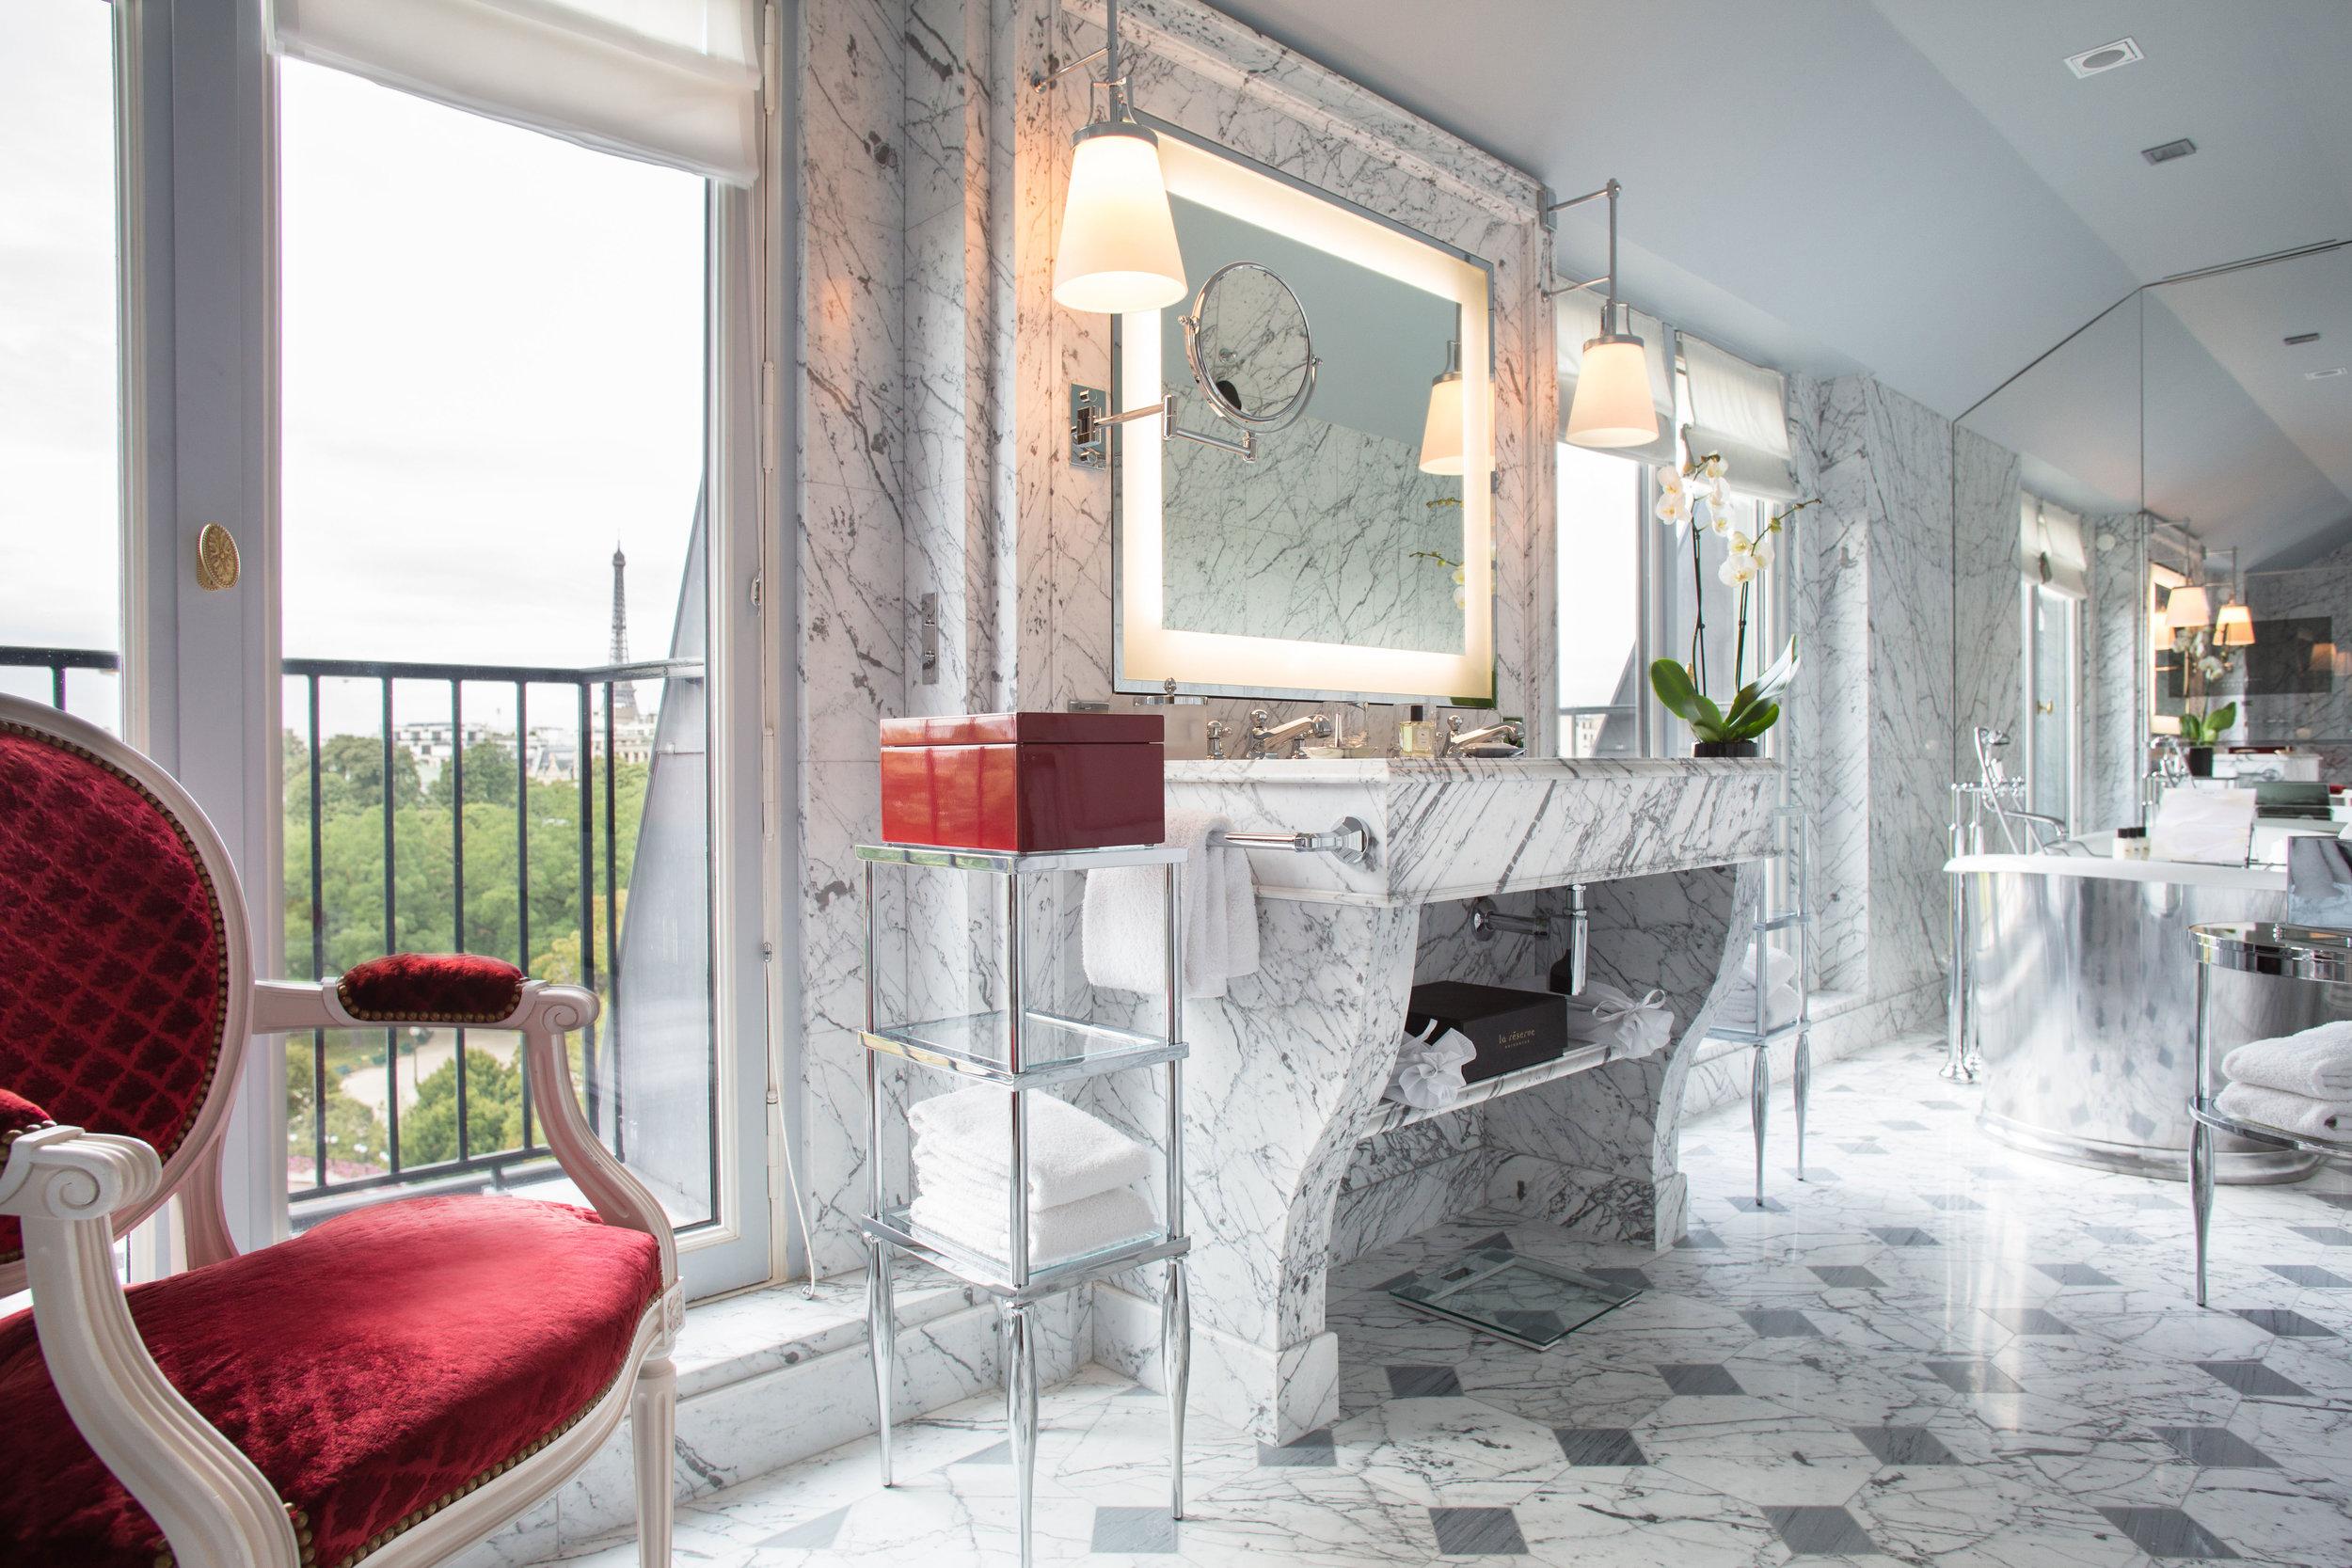 La Réserve Hotel & Spa - imperial suite - Crédits photo G. Gardette - La Réserve Paris.jpg